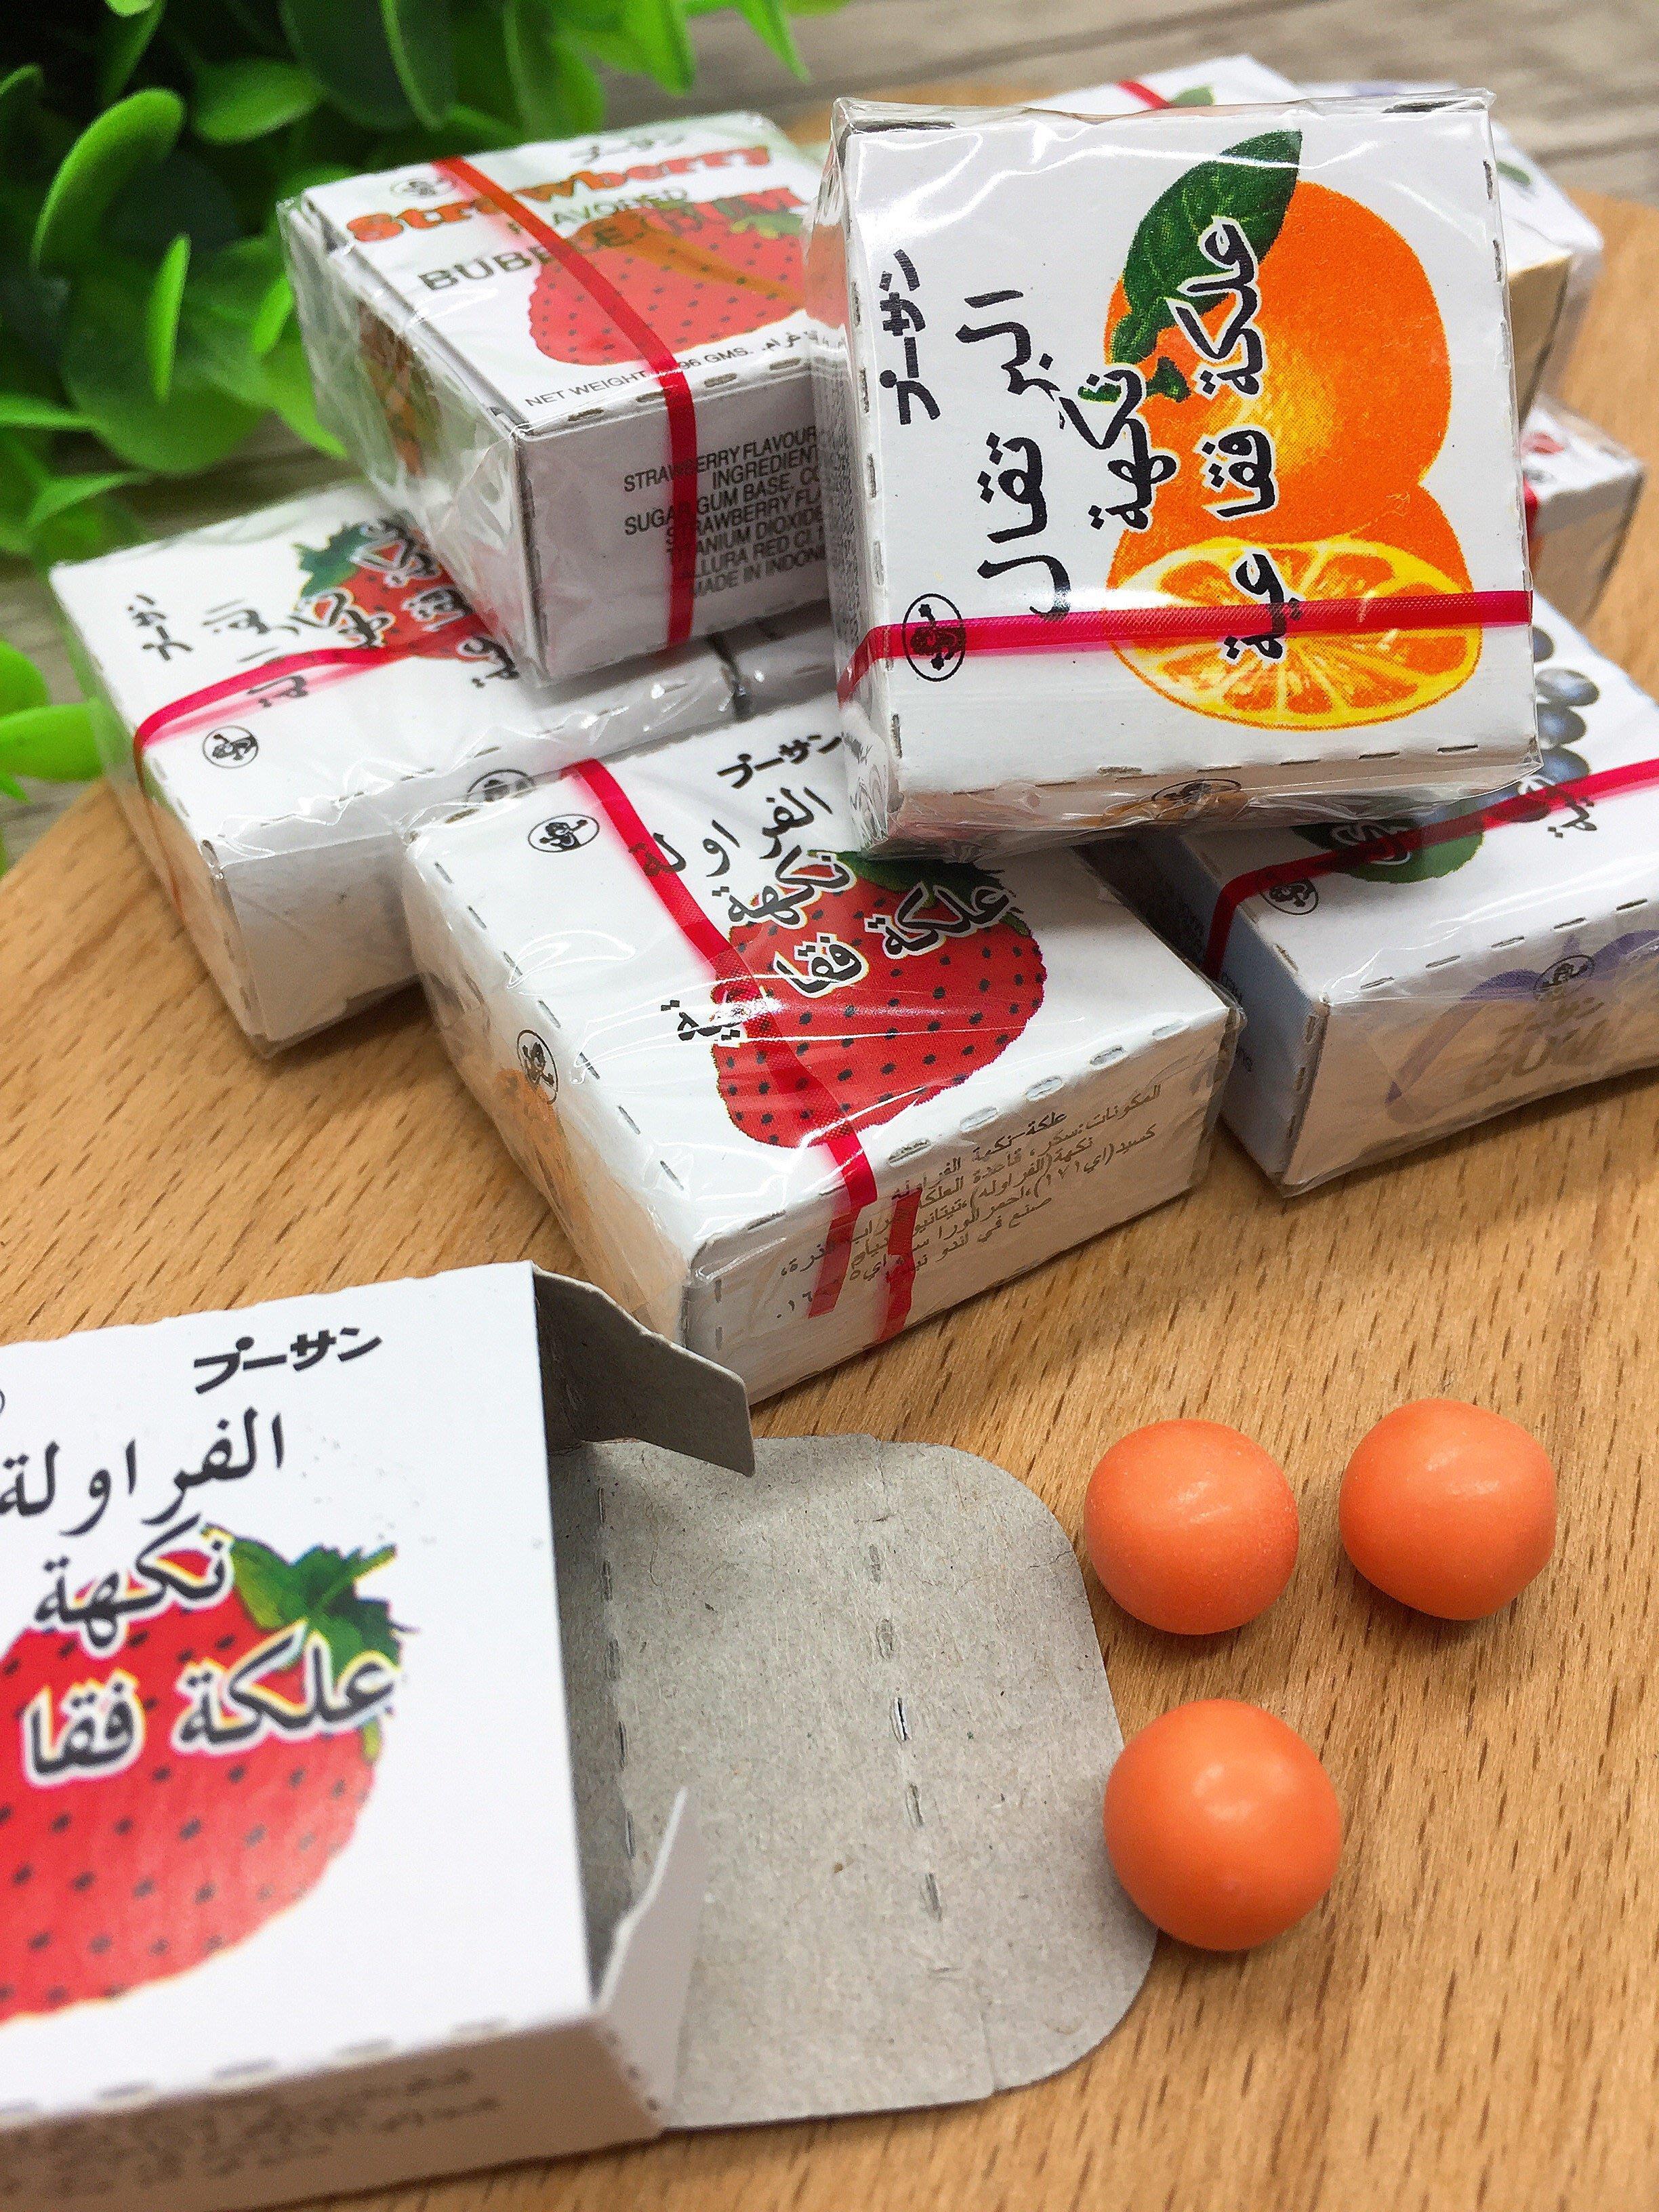 【懷舊零食】水果口香糖⭐6盒/$20⭐